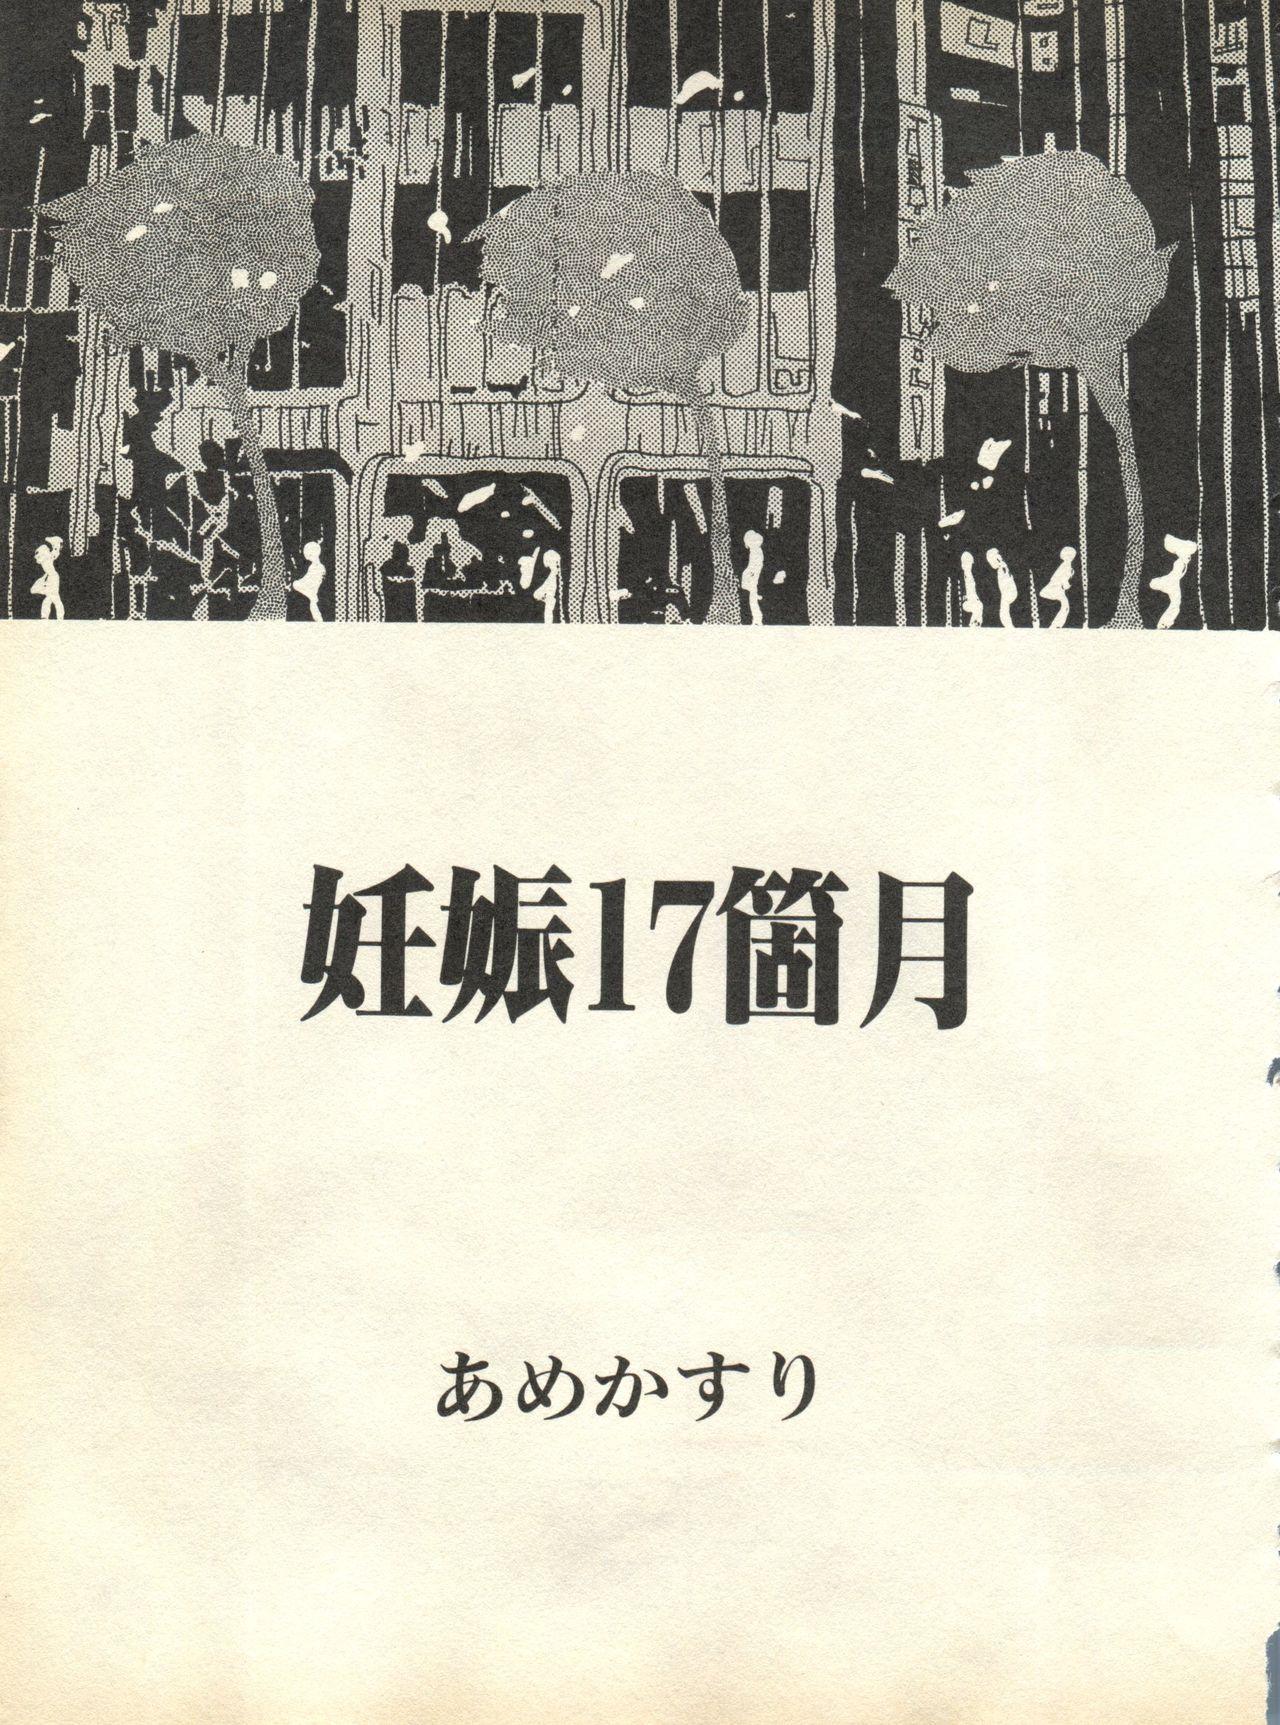 Pai;kuu 1998 October Vol. 13 246